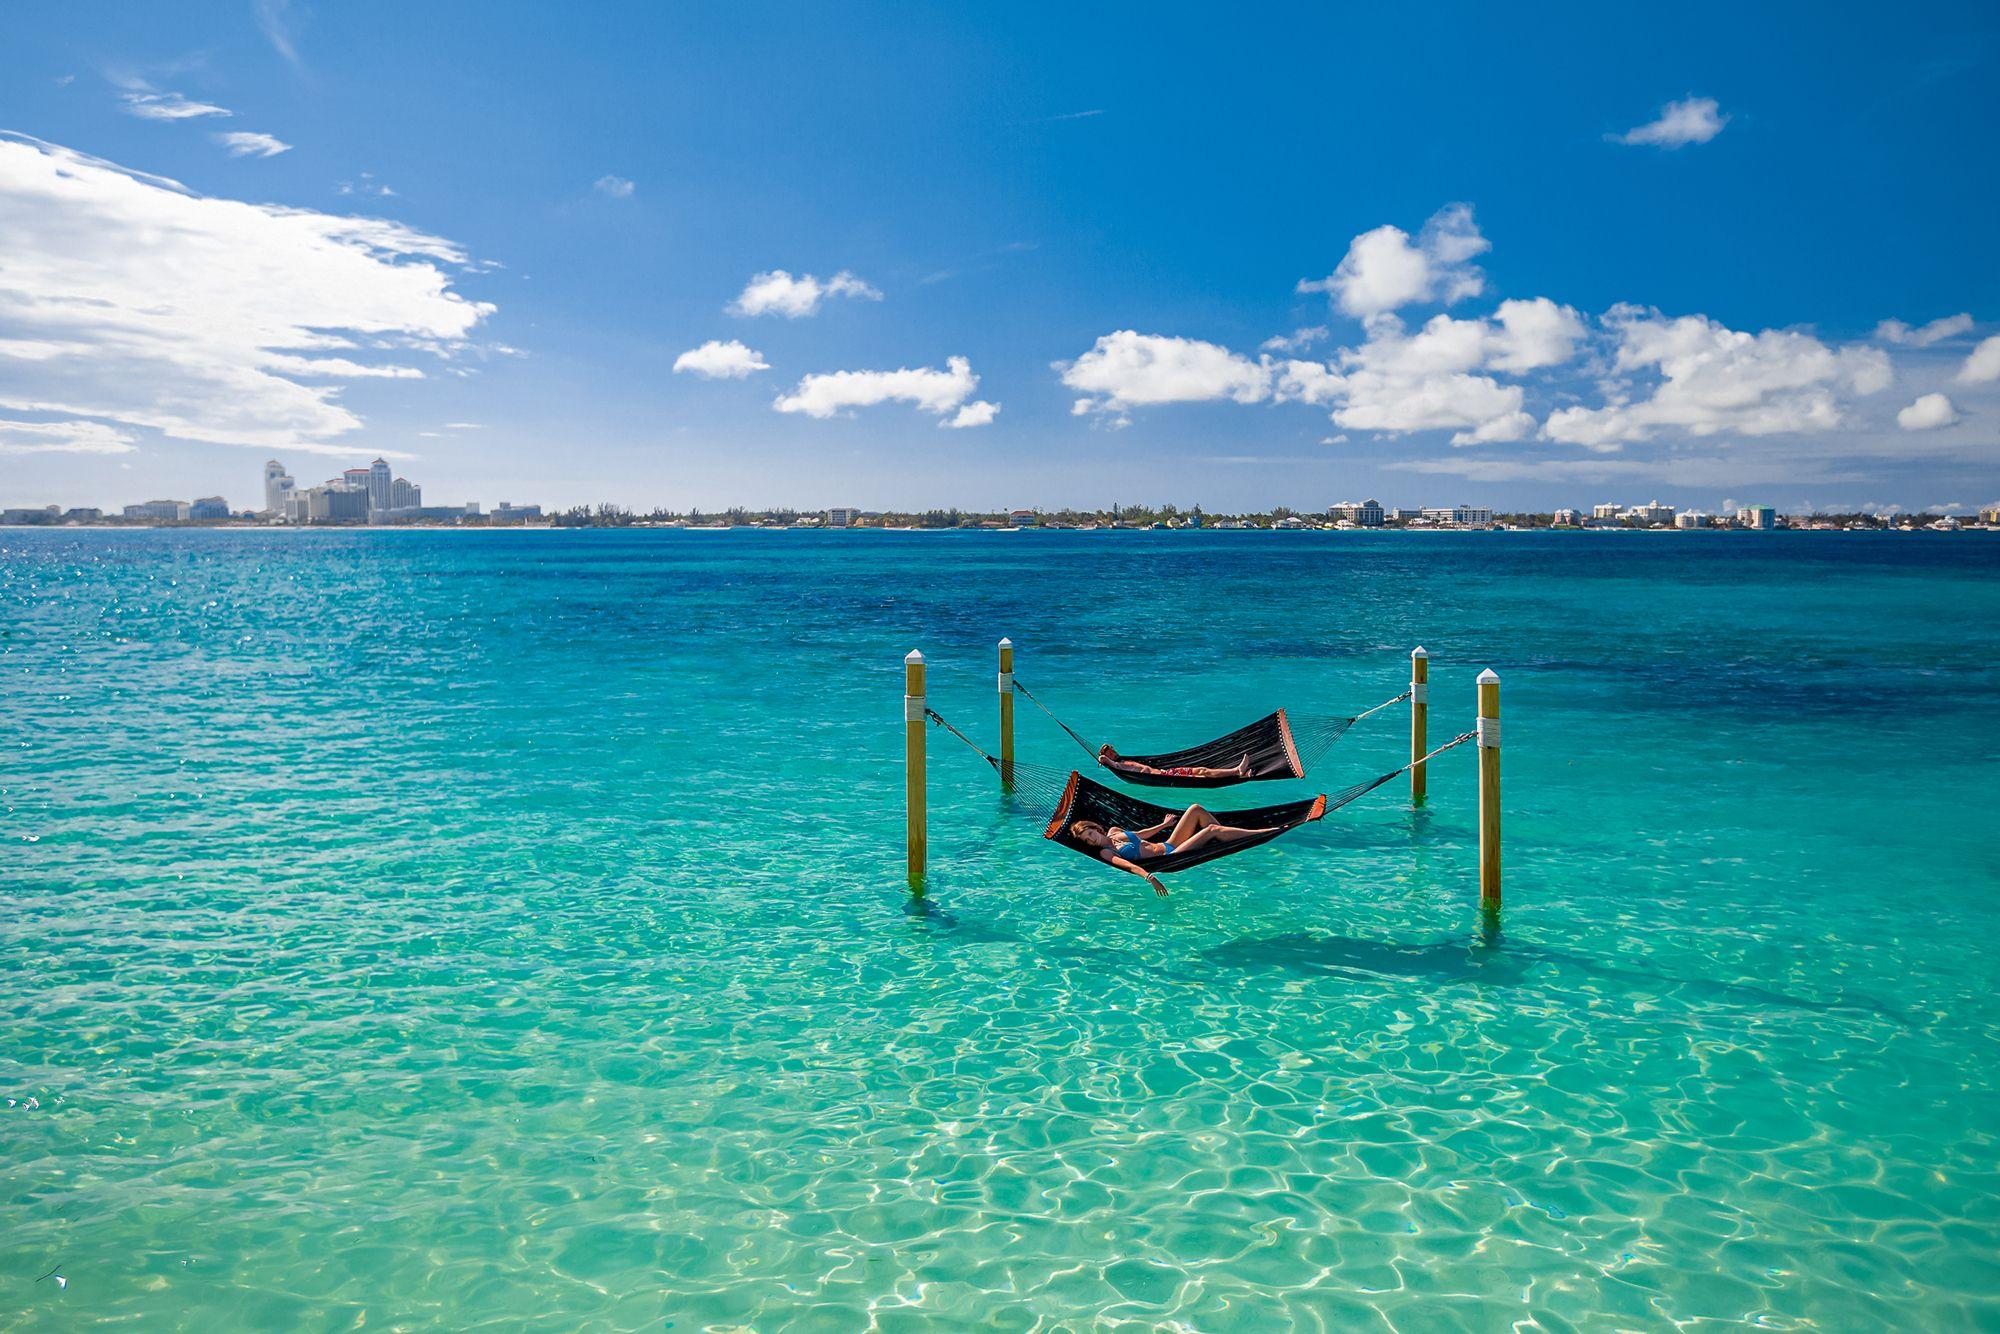 Lizenziertes Unternehmen auf den Bahamas zu verkaufen